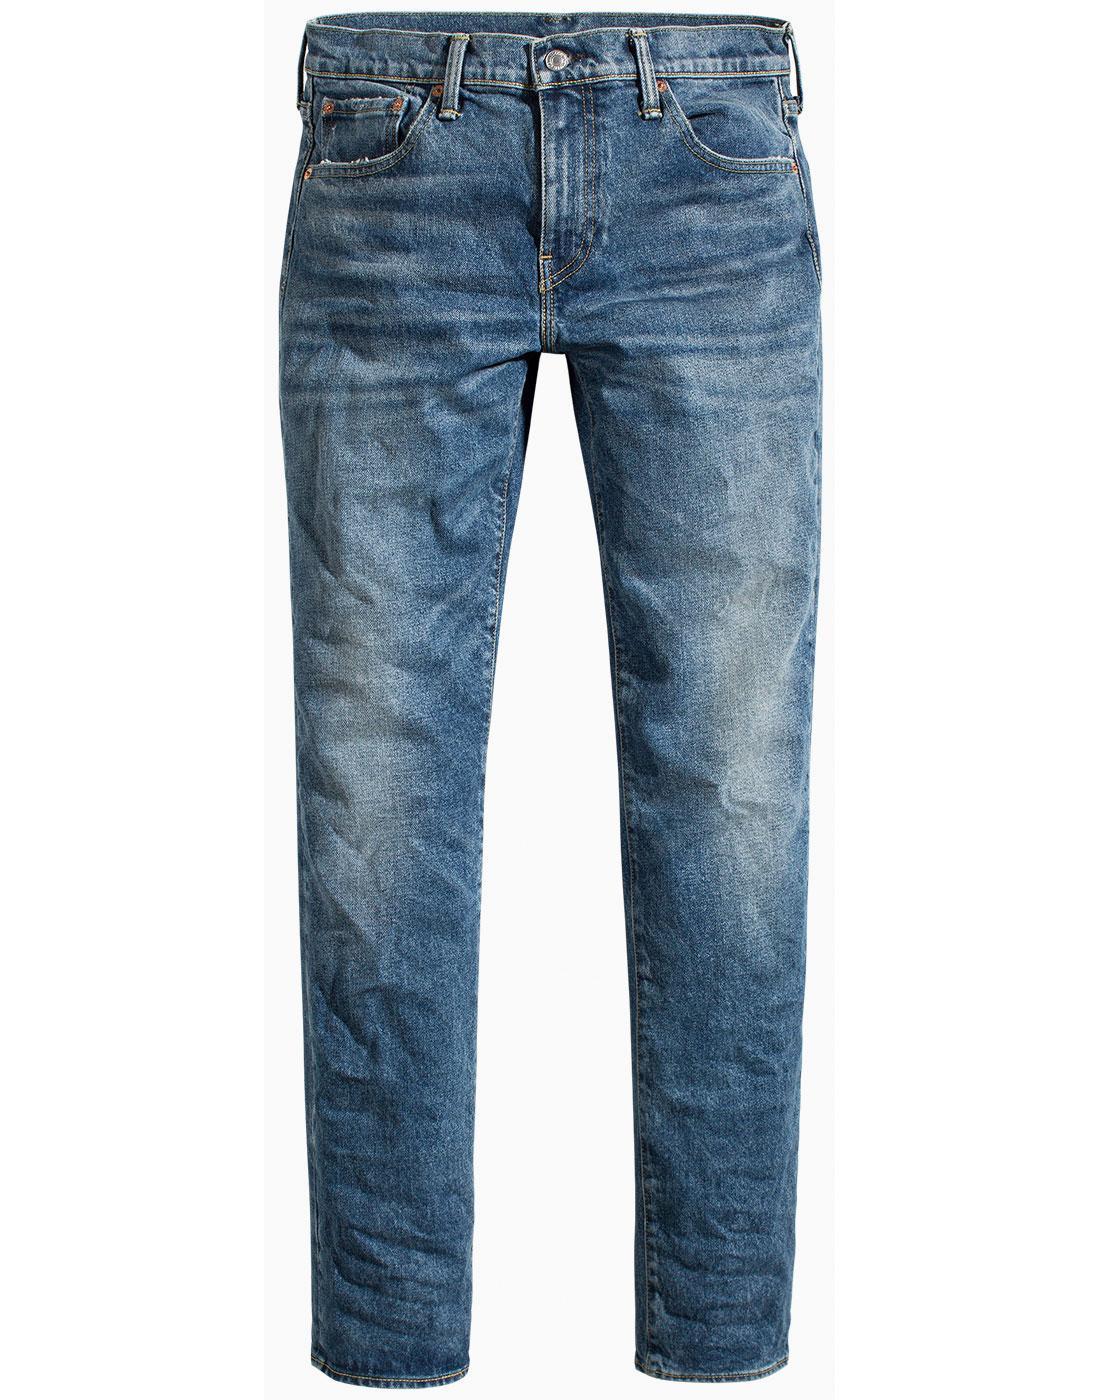 LEVI'S 511 Men's Retro Mod Slim Denim Jeans BIBBY